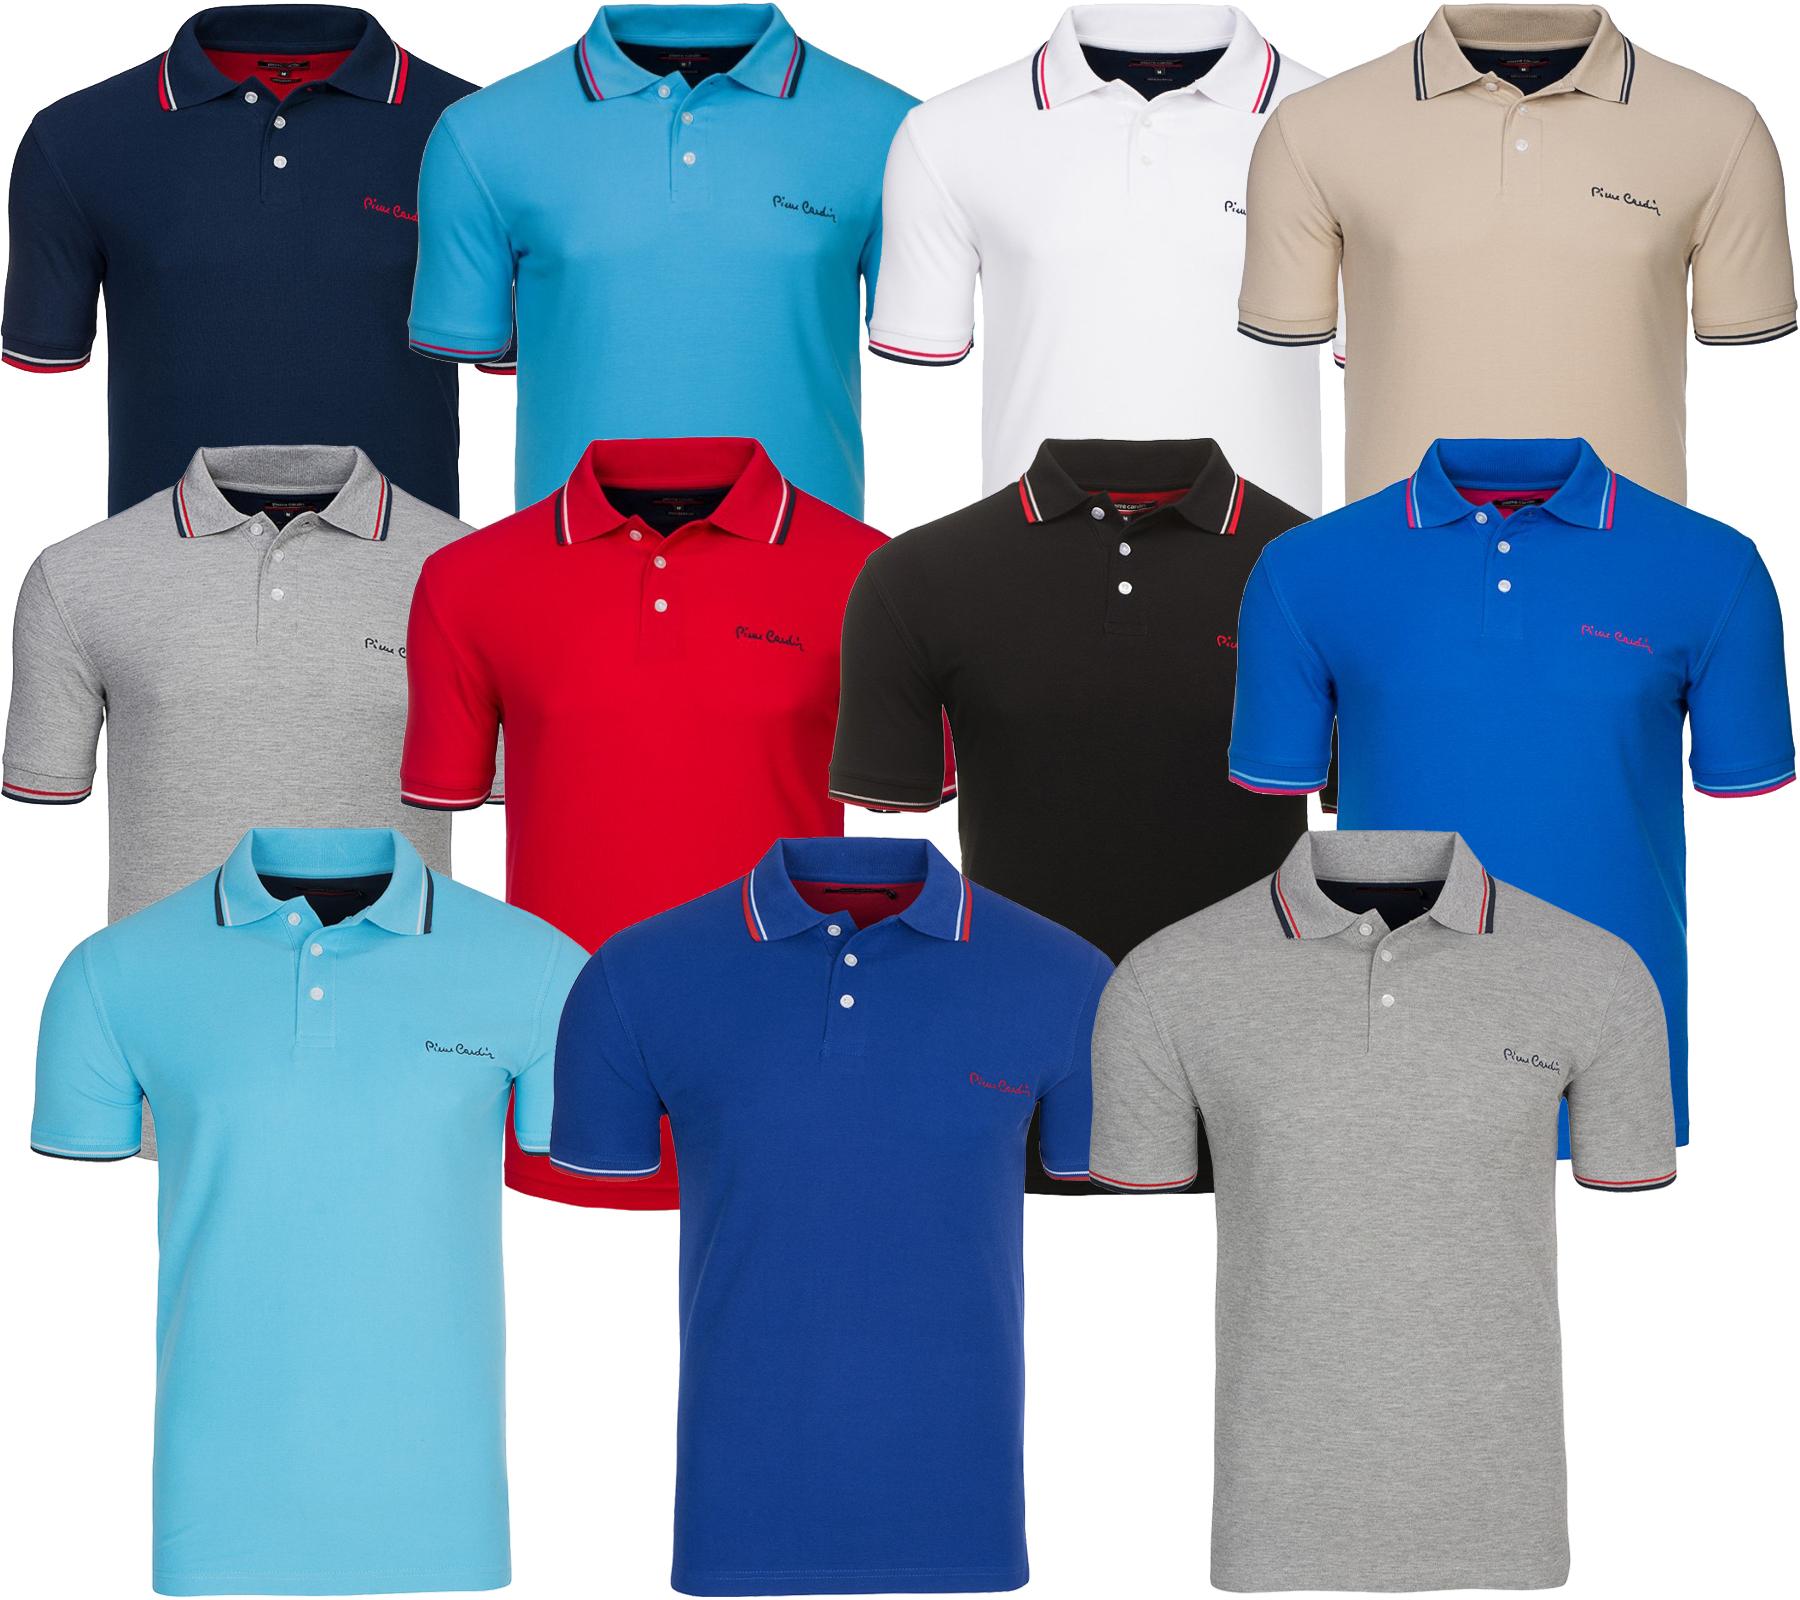 Outlet46.de Pierre Cardin Poloshirts 9,99€ -33% PVG